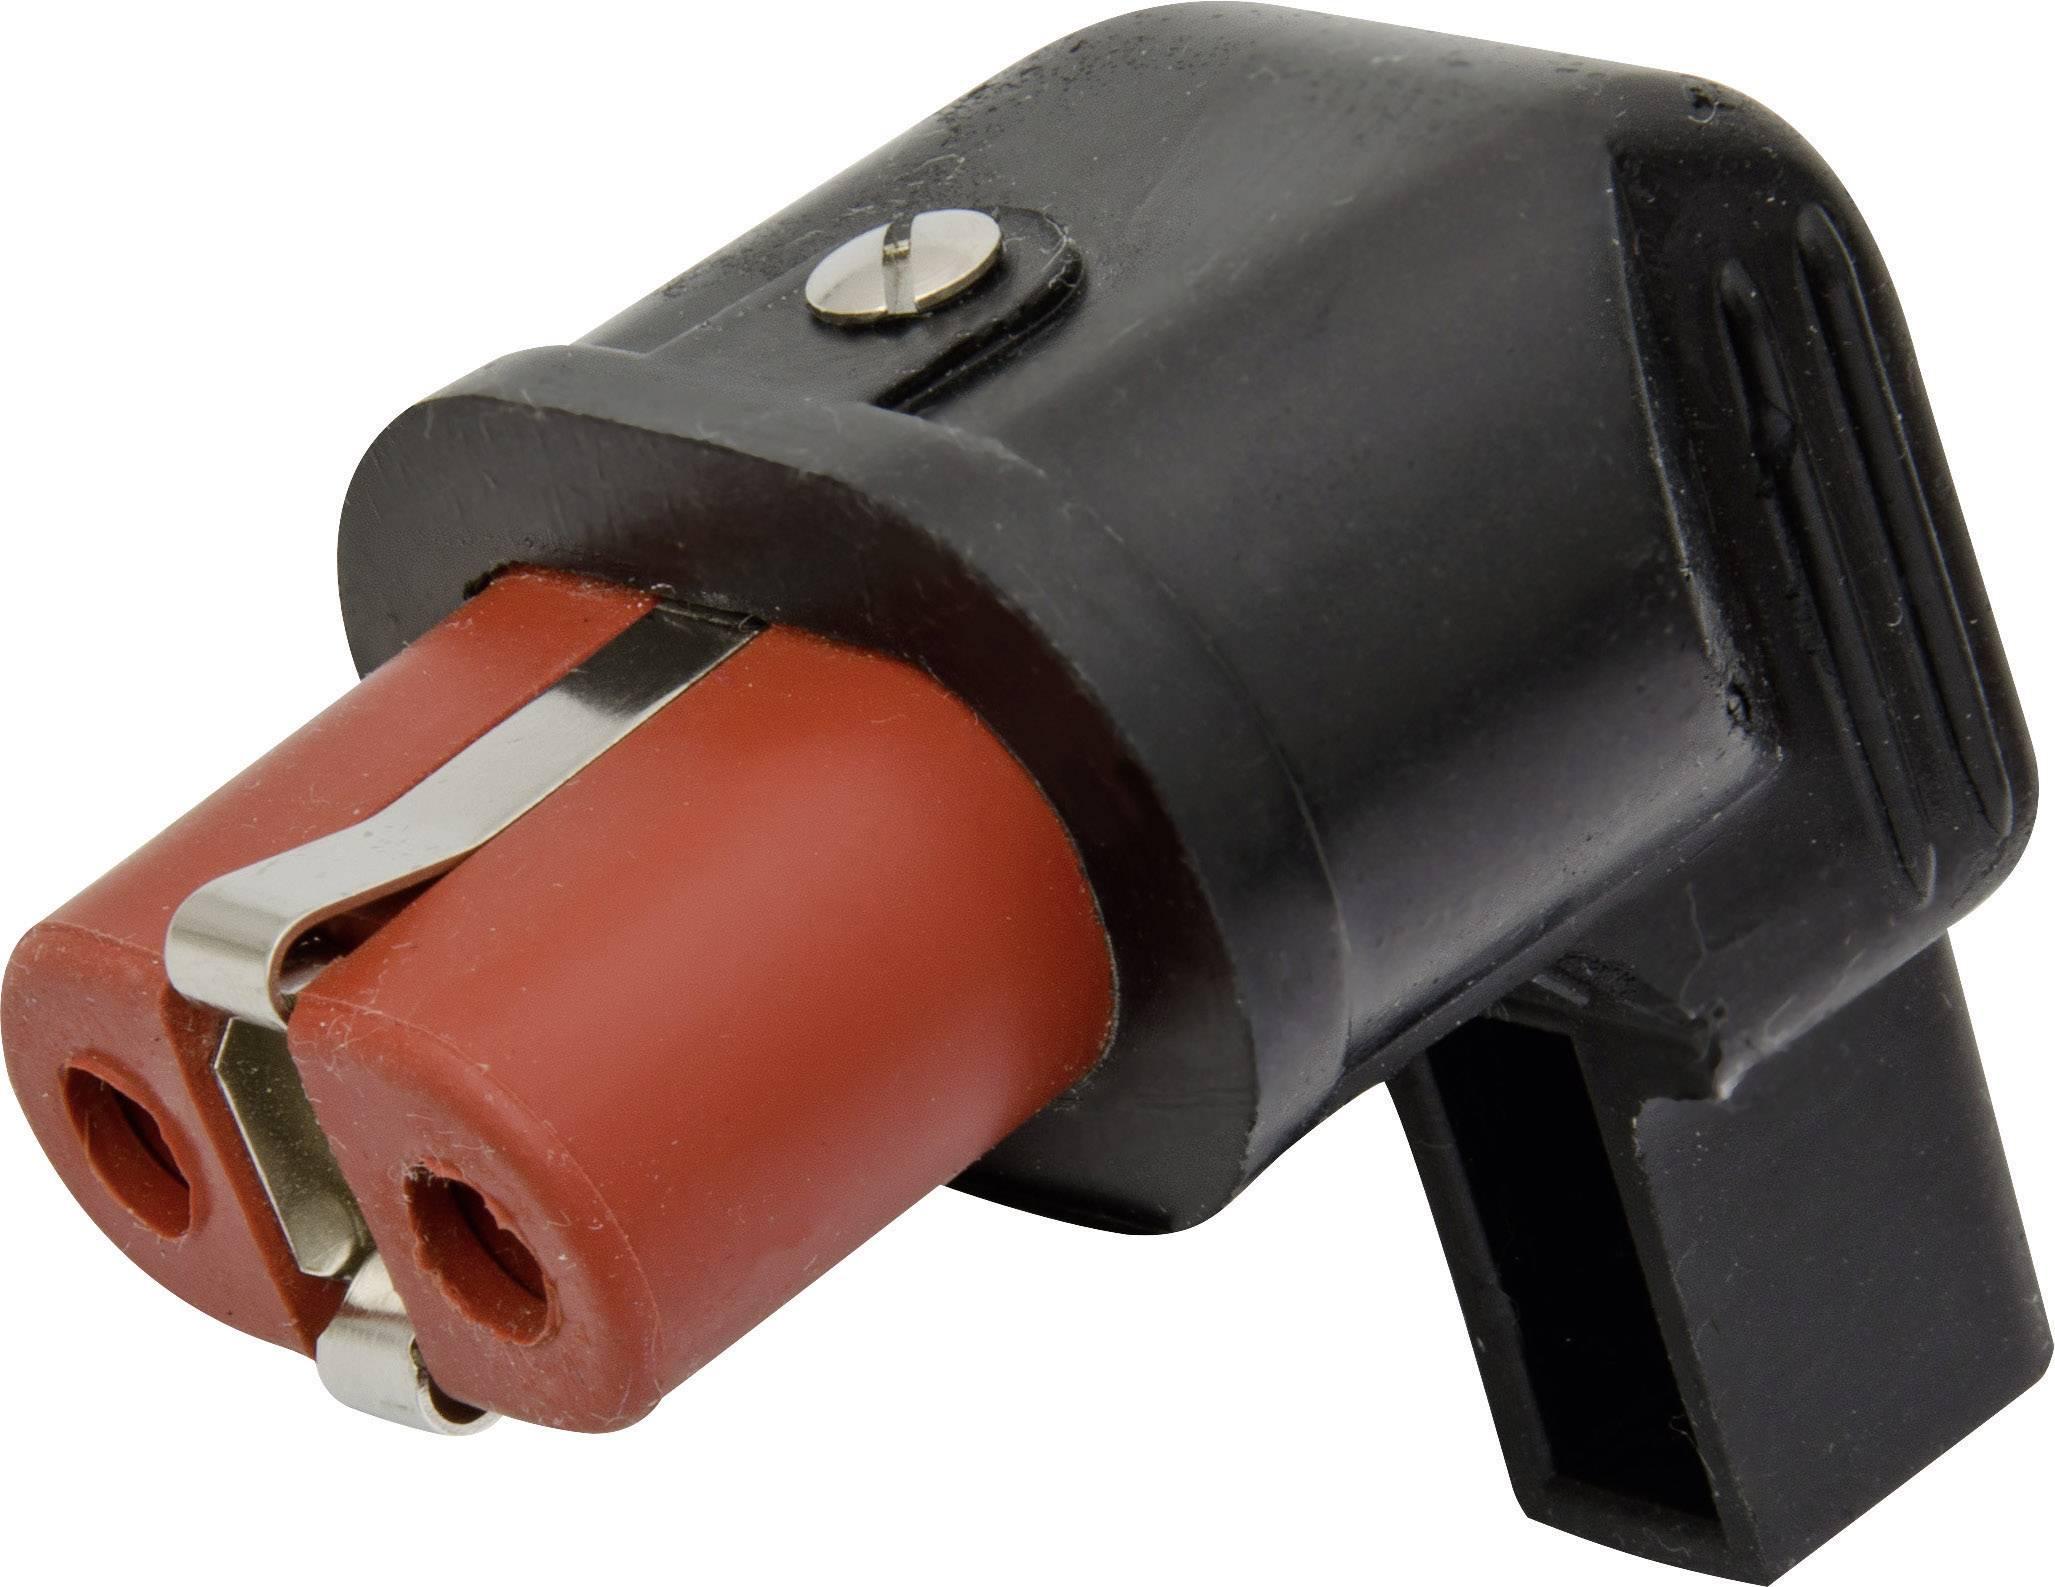 IEC konektor C15/C16 Kalthoff 344007, zásuvka, zahnutá, počet kontaktov: 2 + PE, 25 A, 250 V, čierna, červená, 1 ks